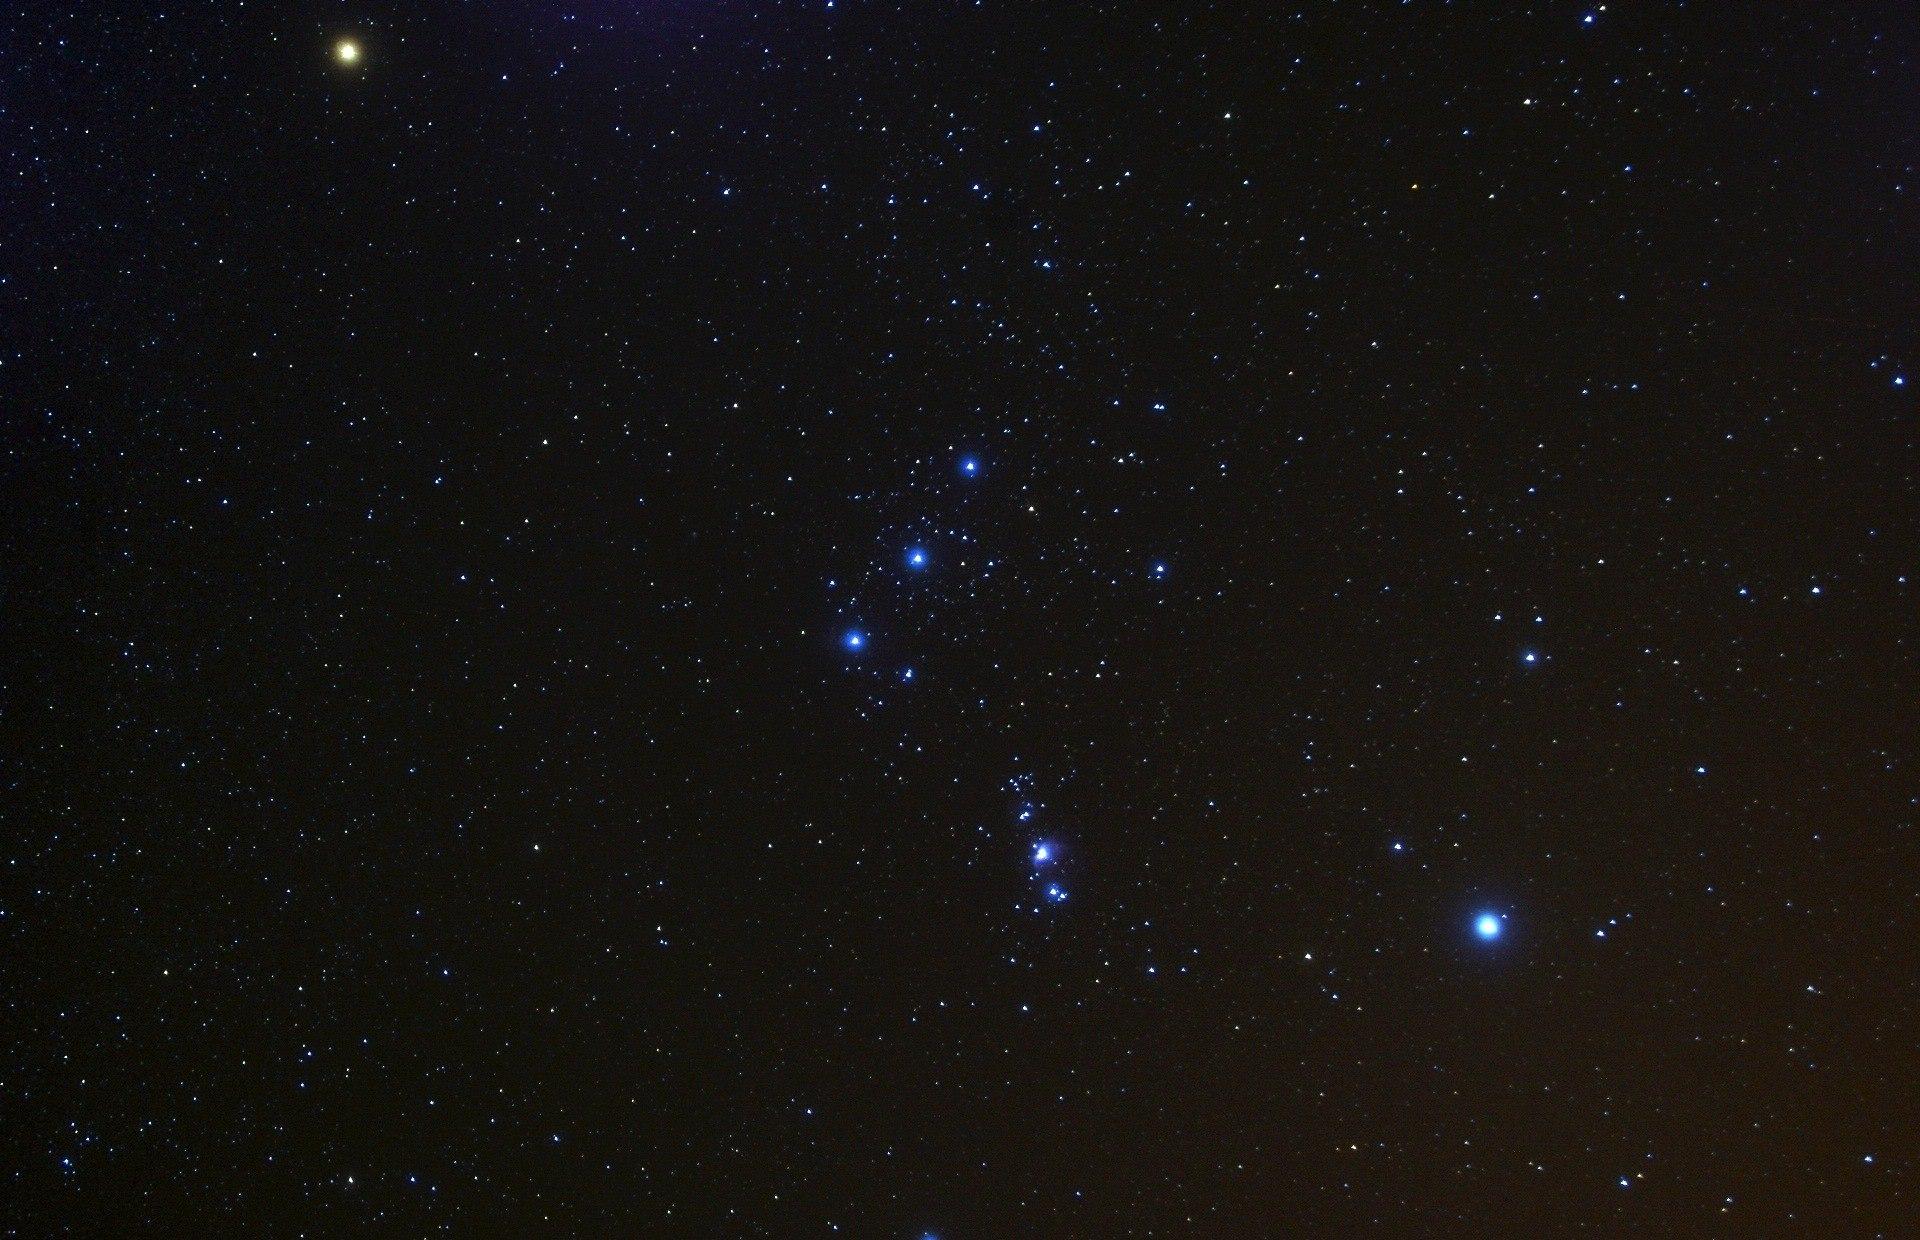 Три звезды Альнитак (ζ Ориона), Альнилам (ε Ориона), Минтака (δ Ориона) в центре снимка - Пояс Ориона